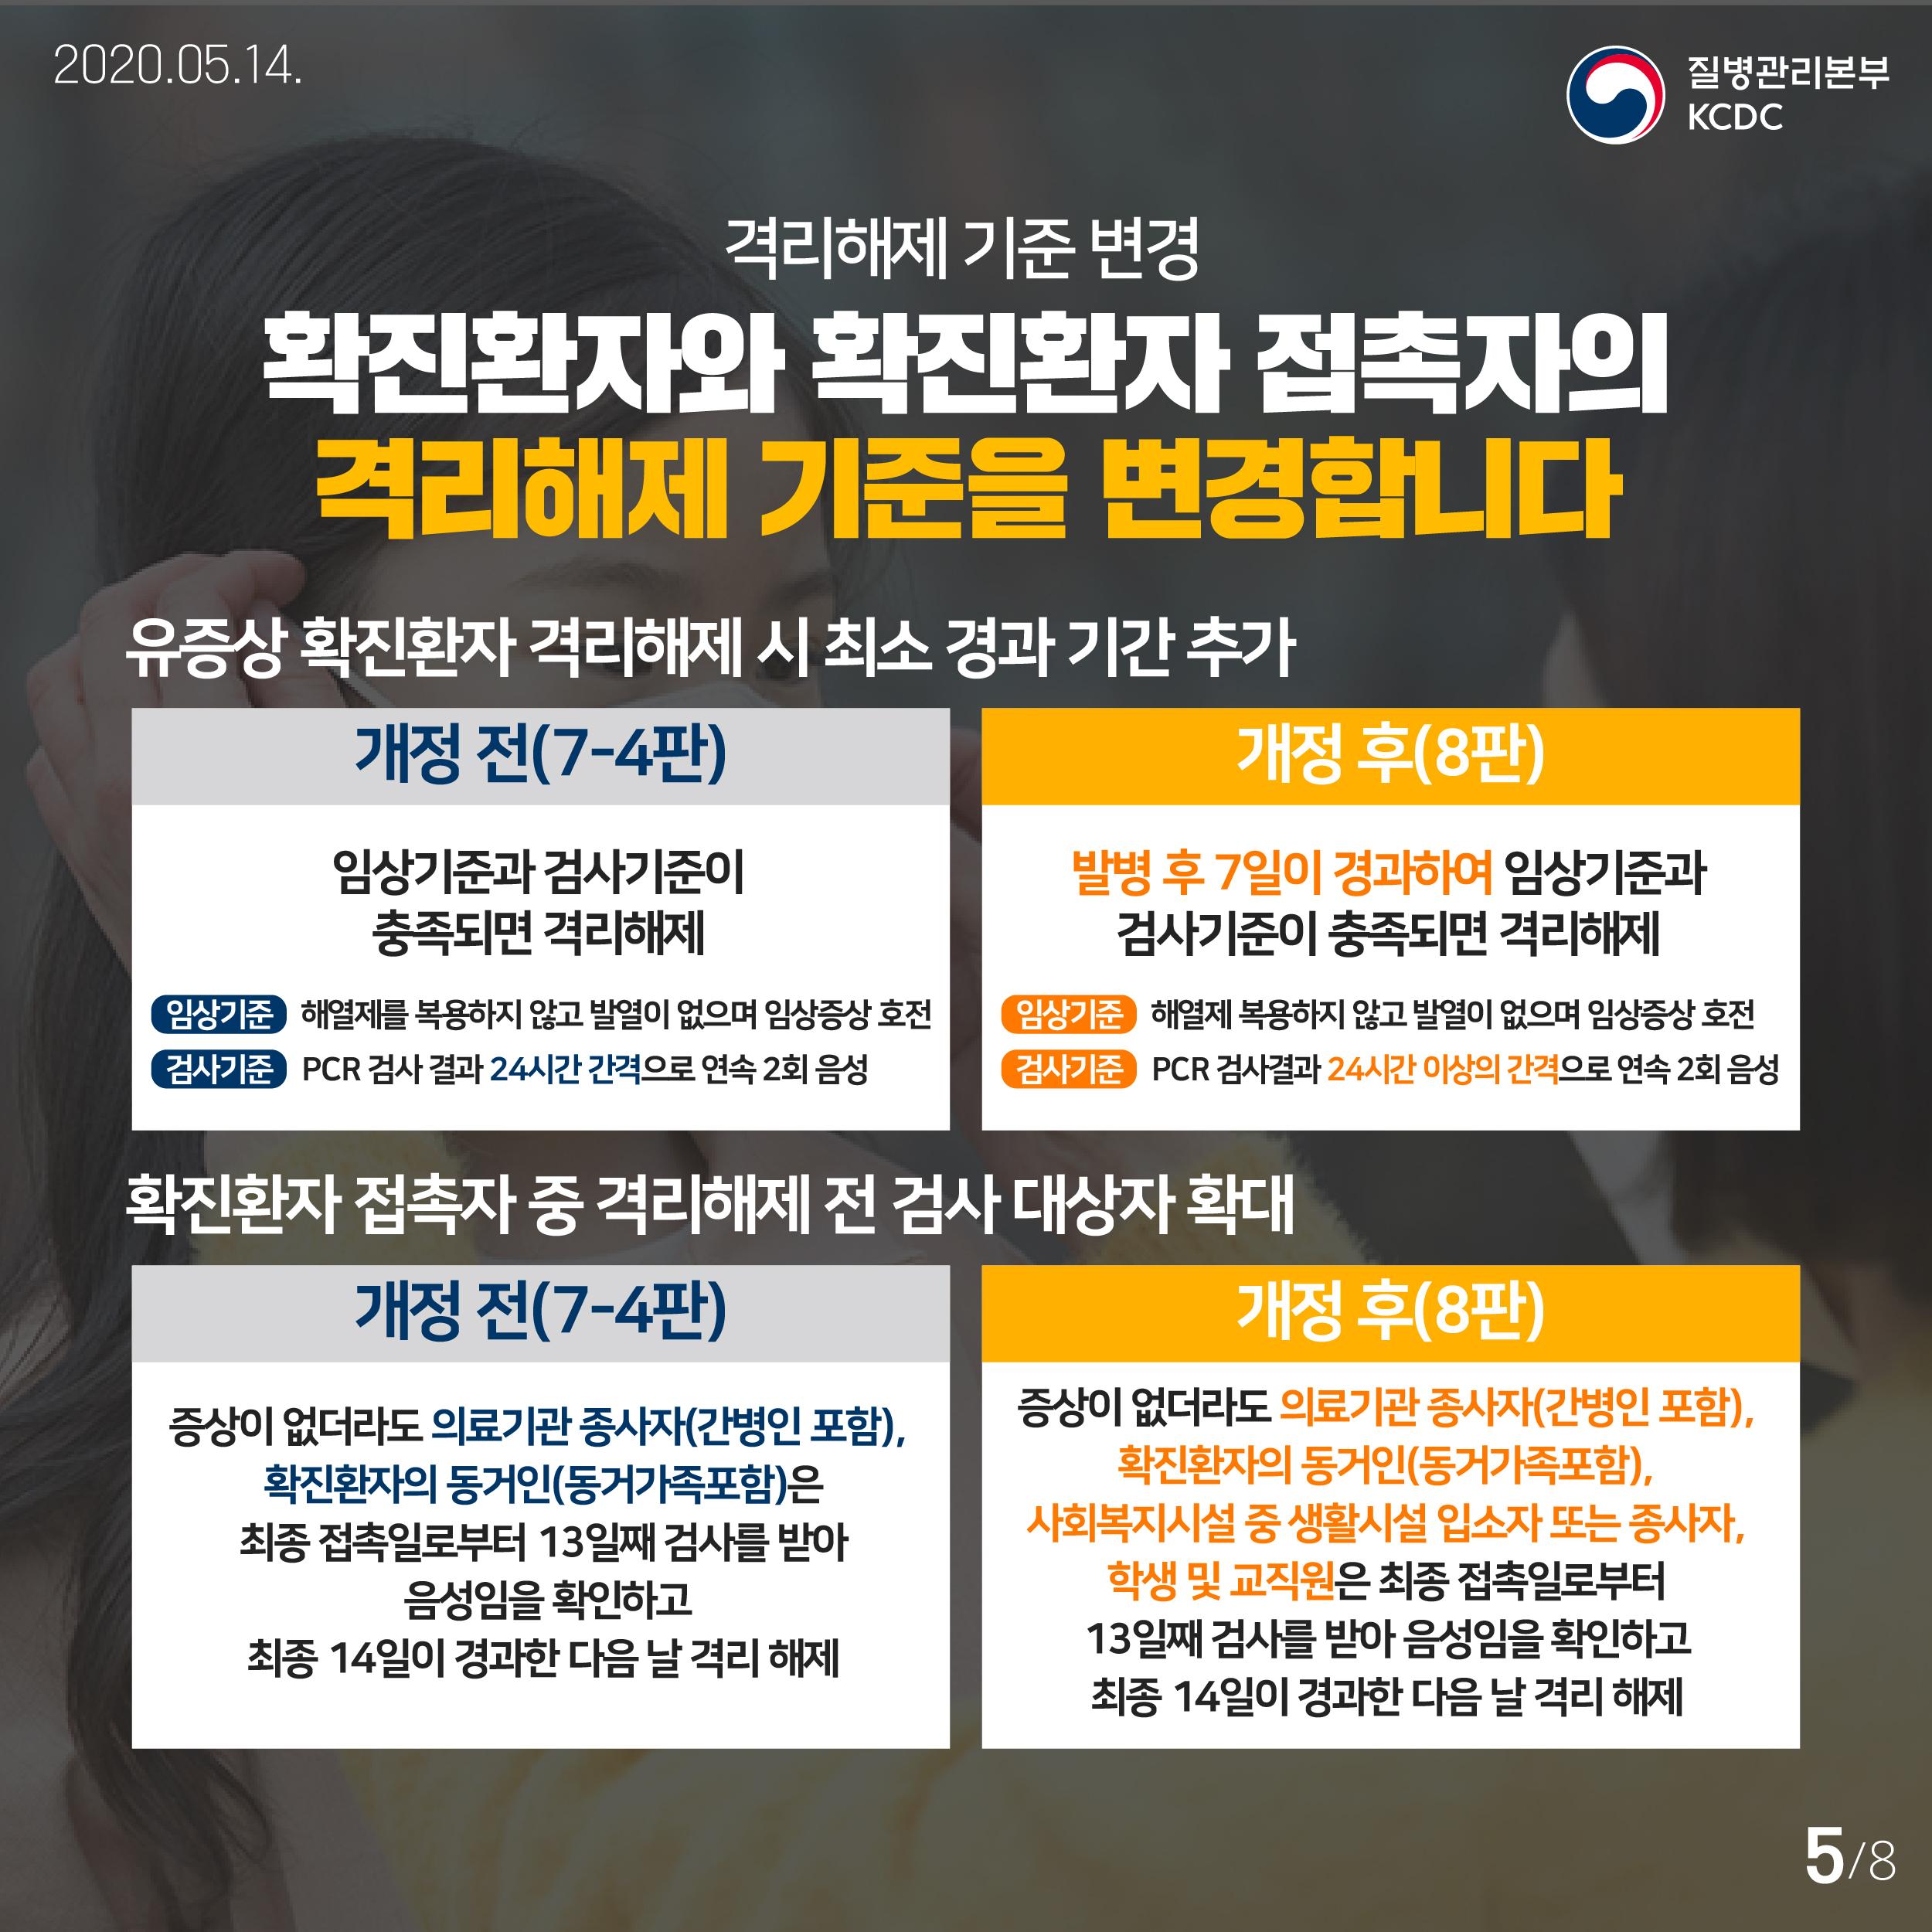 20200514_KCDC_사례정의8판_카드뉴스_5.jpg